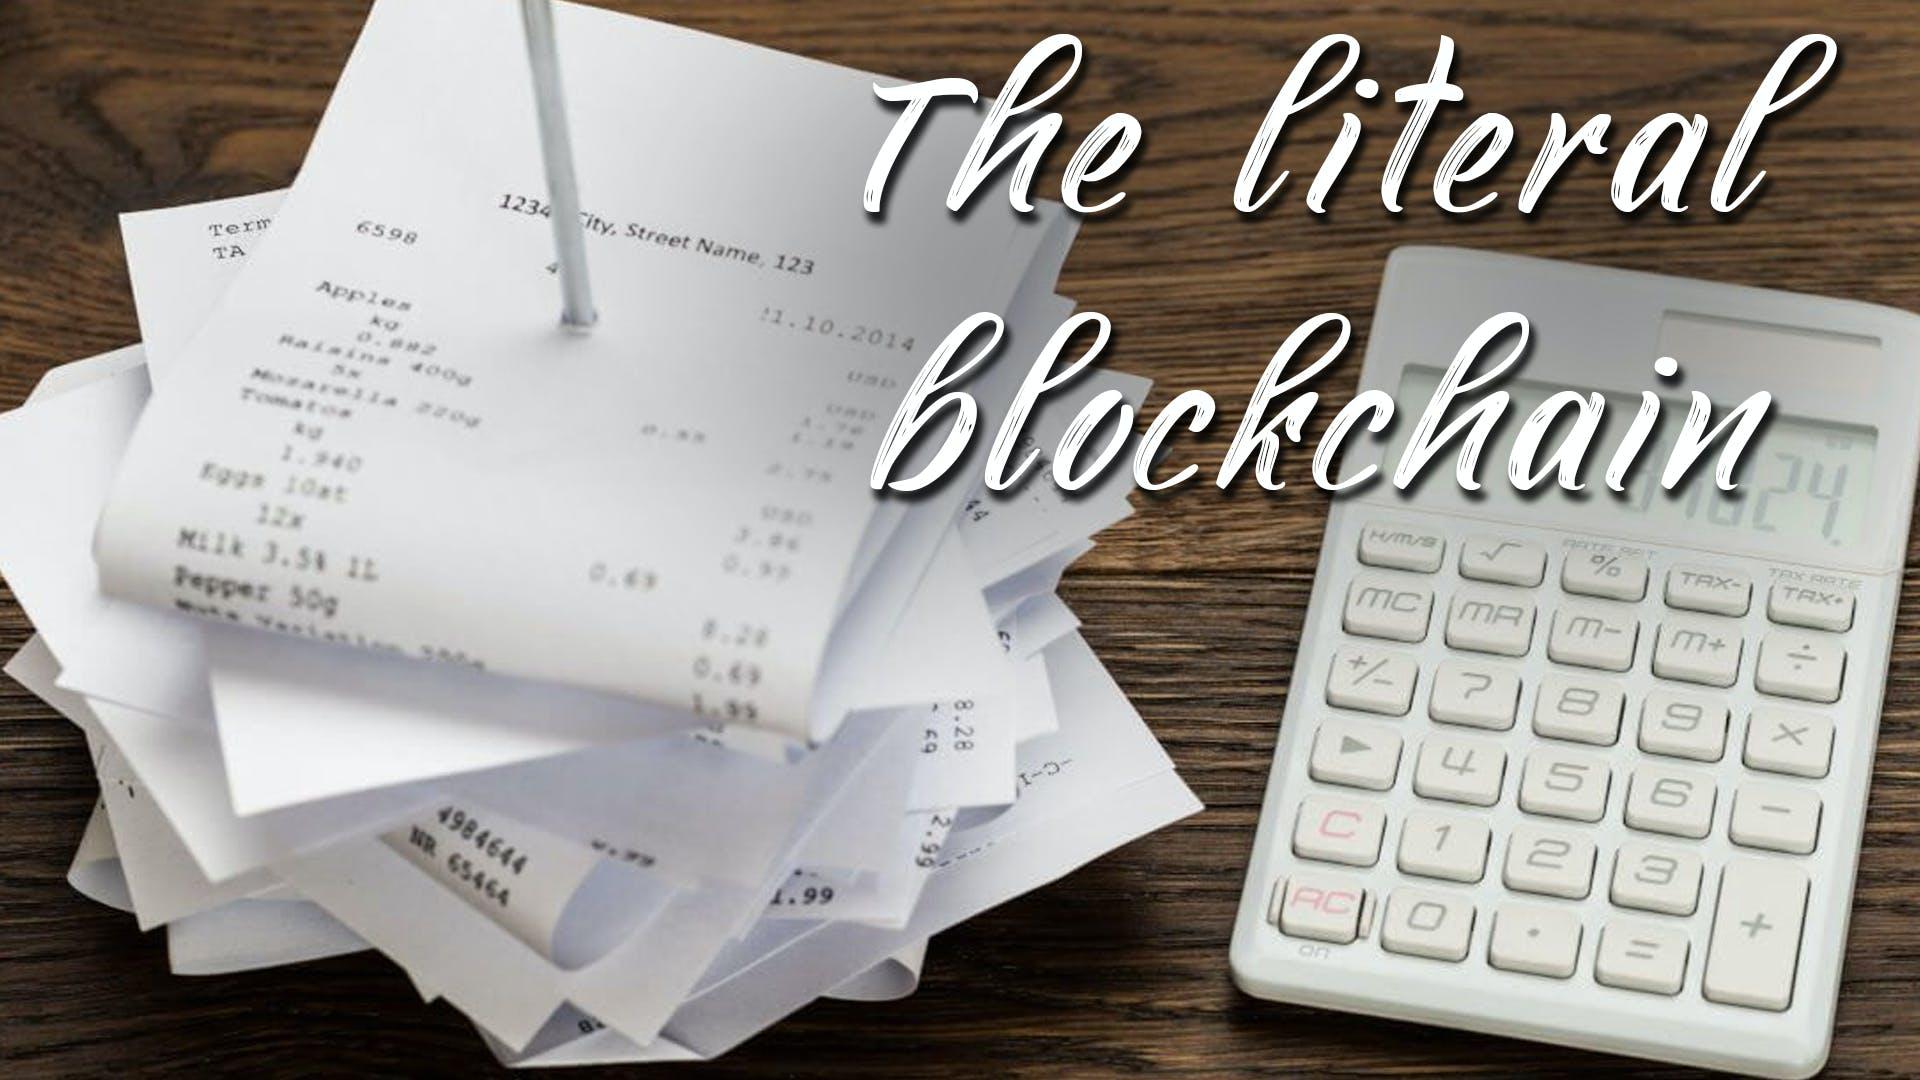 theliteralblockchain.jpg